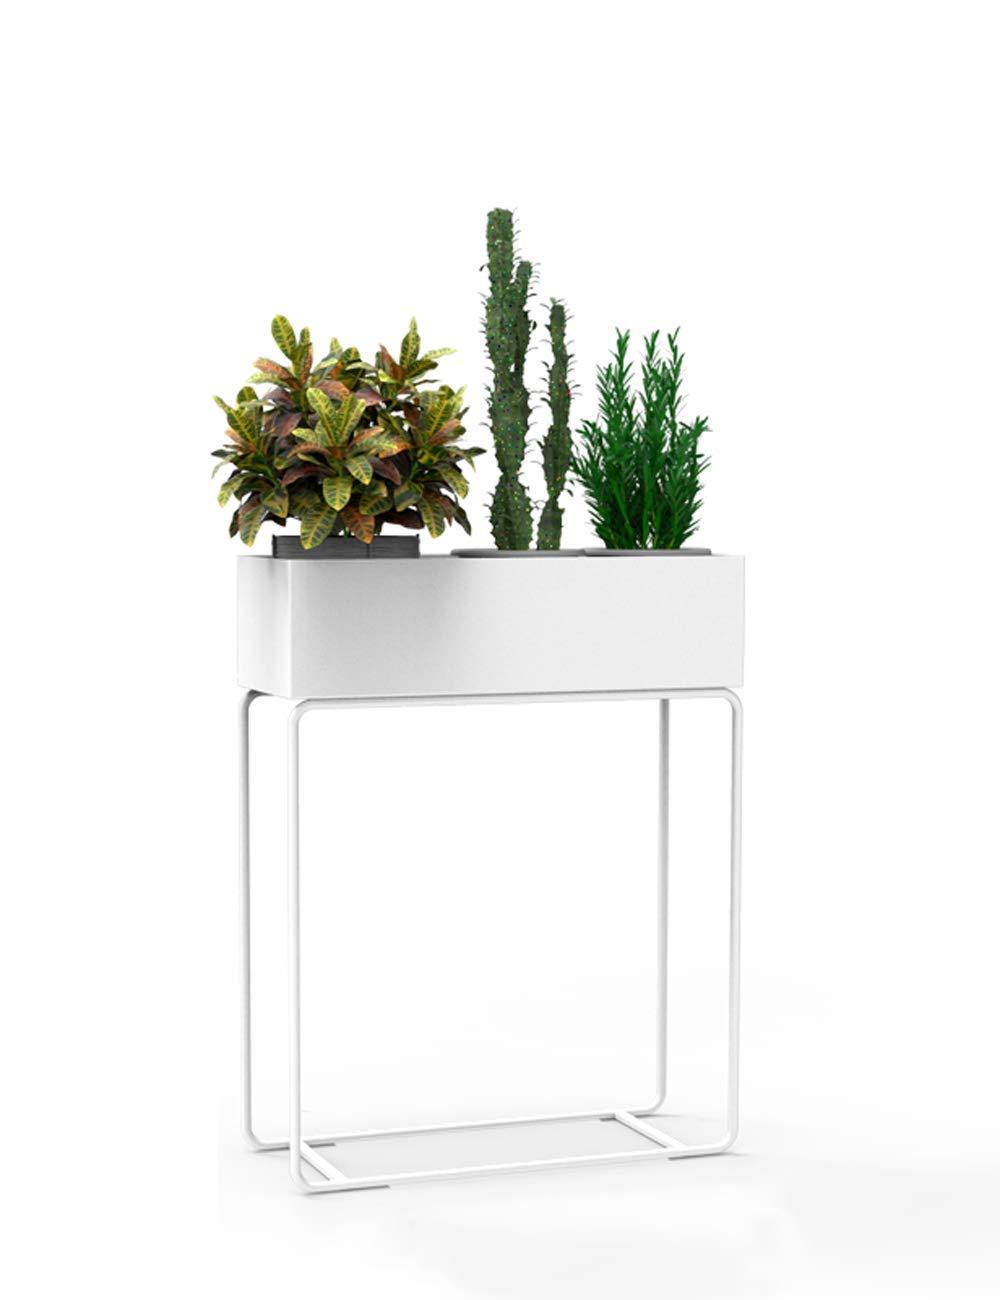 ガーデンフラワーポットラックホームフラワースタンド耐久性のある植物ラック パンチする必要はありません、インストールする必要はありません、北欧のバルコニー緑の植物の洗面器垂直錬鉄製モダンミニマリストクリエイティブリビングルームのインテリア装飾フラワースタンド(様々なスタイル、色) (色 : White, サイズ : Tuba-Single layer) B07P9QKLP1 White Tuba-Single layer